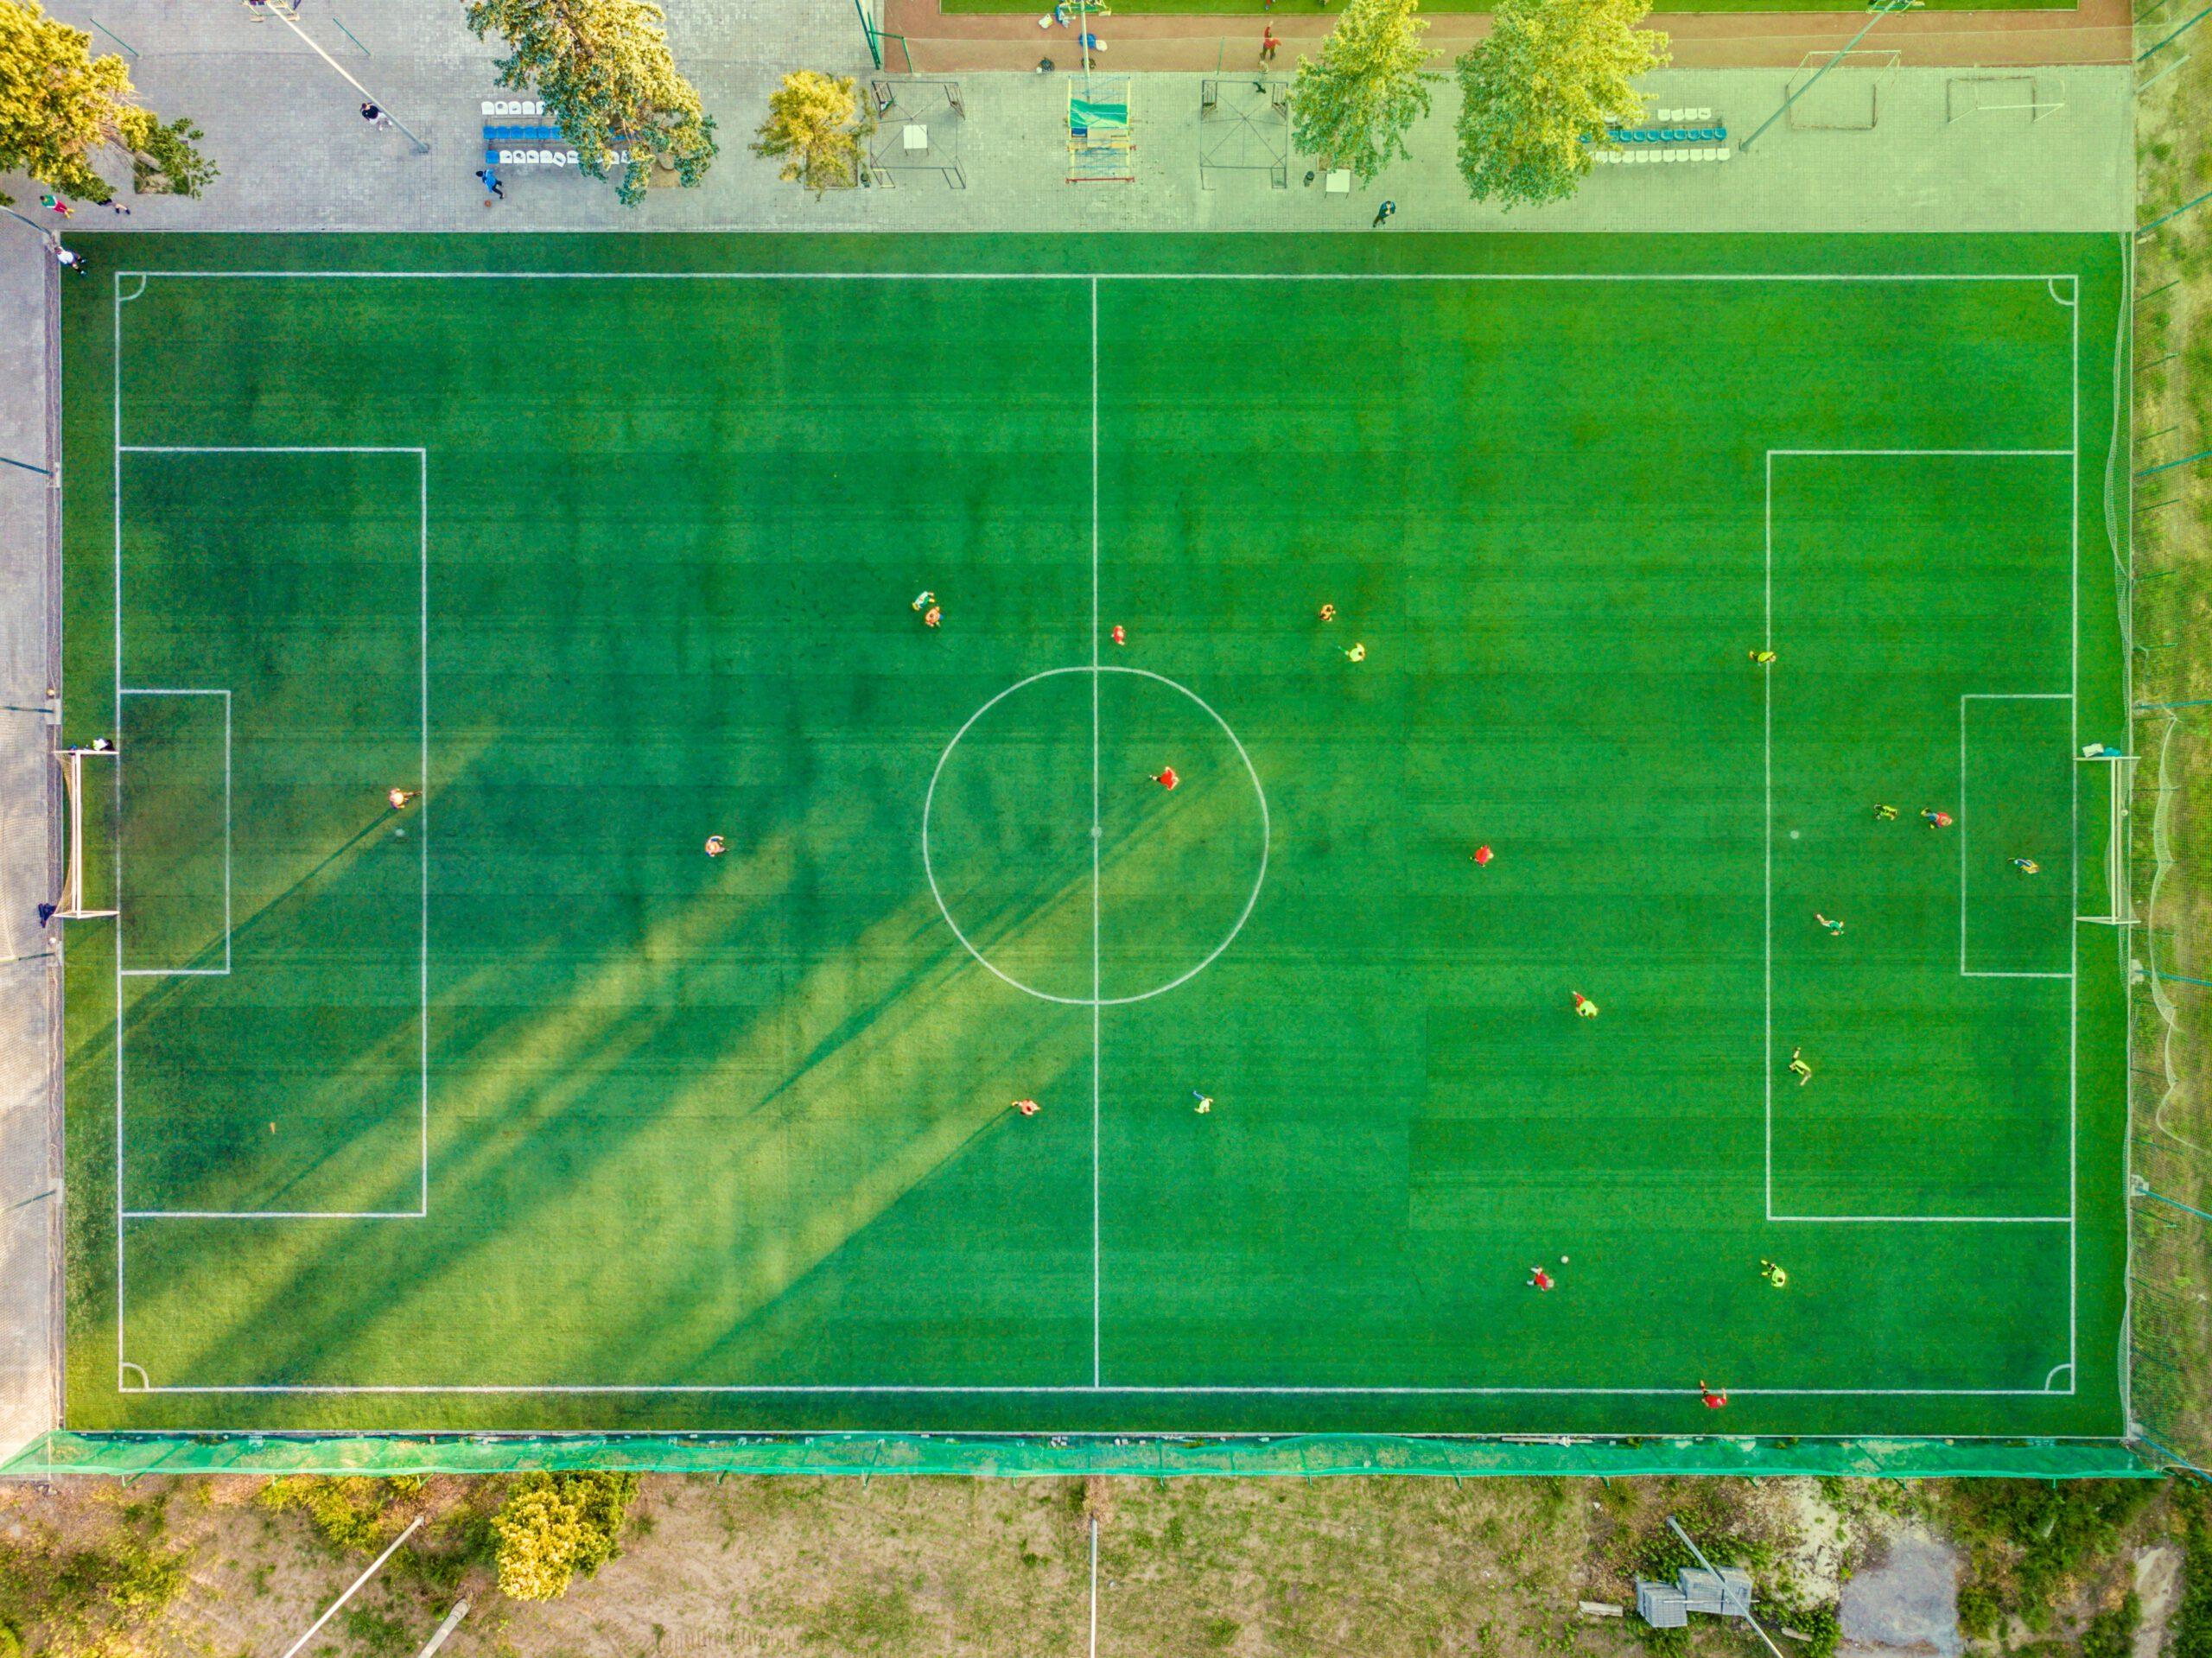 ¿El futbolista que lesiona a otro en el terreno de juego puede responder penalmente?